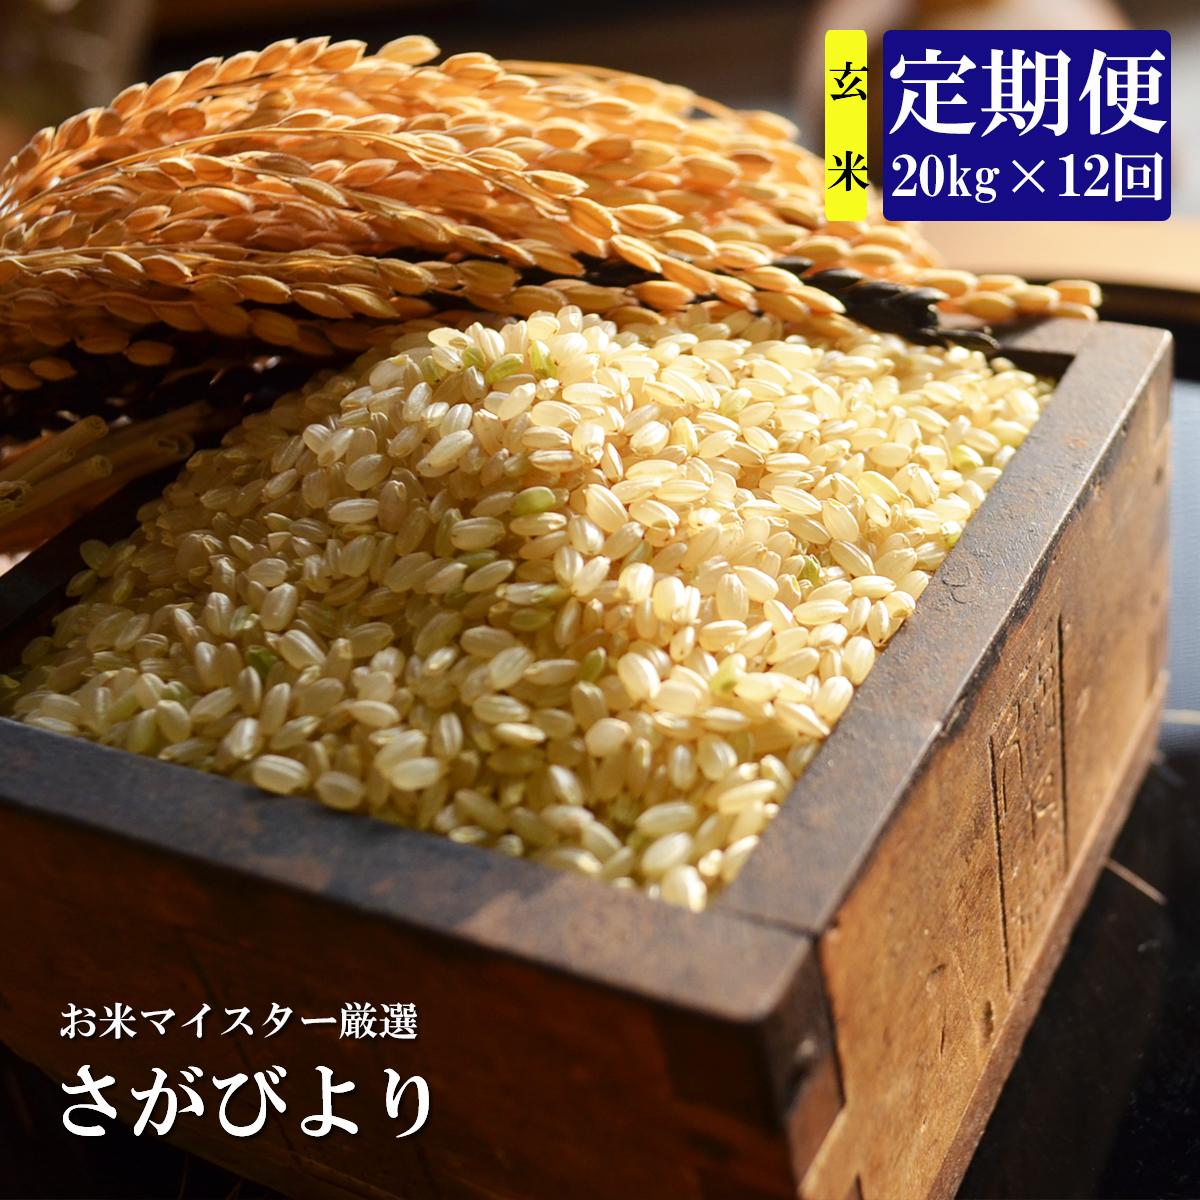 【ふるさと納税】V-12 《12ヶ月定期便》鹿島市産さがびより 玄米(毎月20kg×12回)